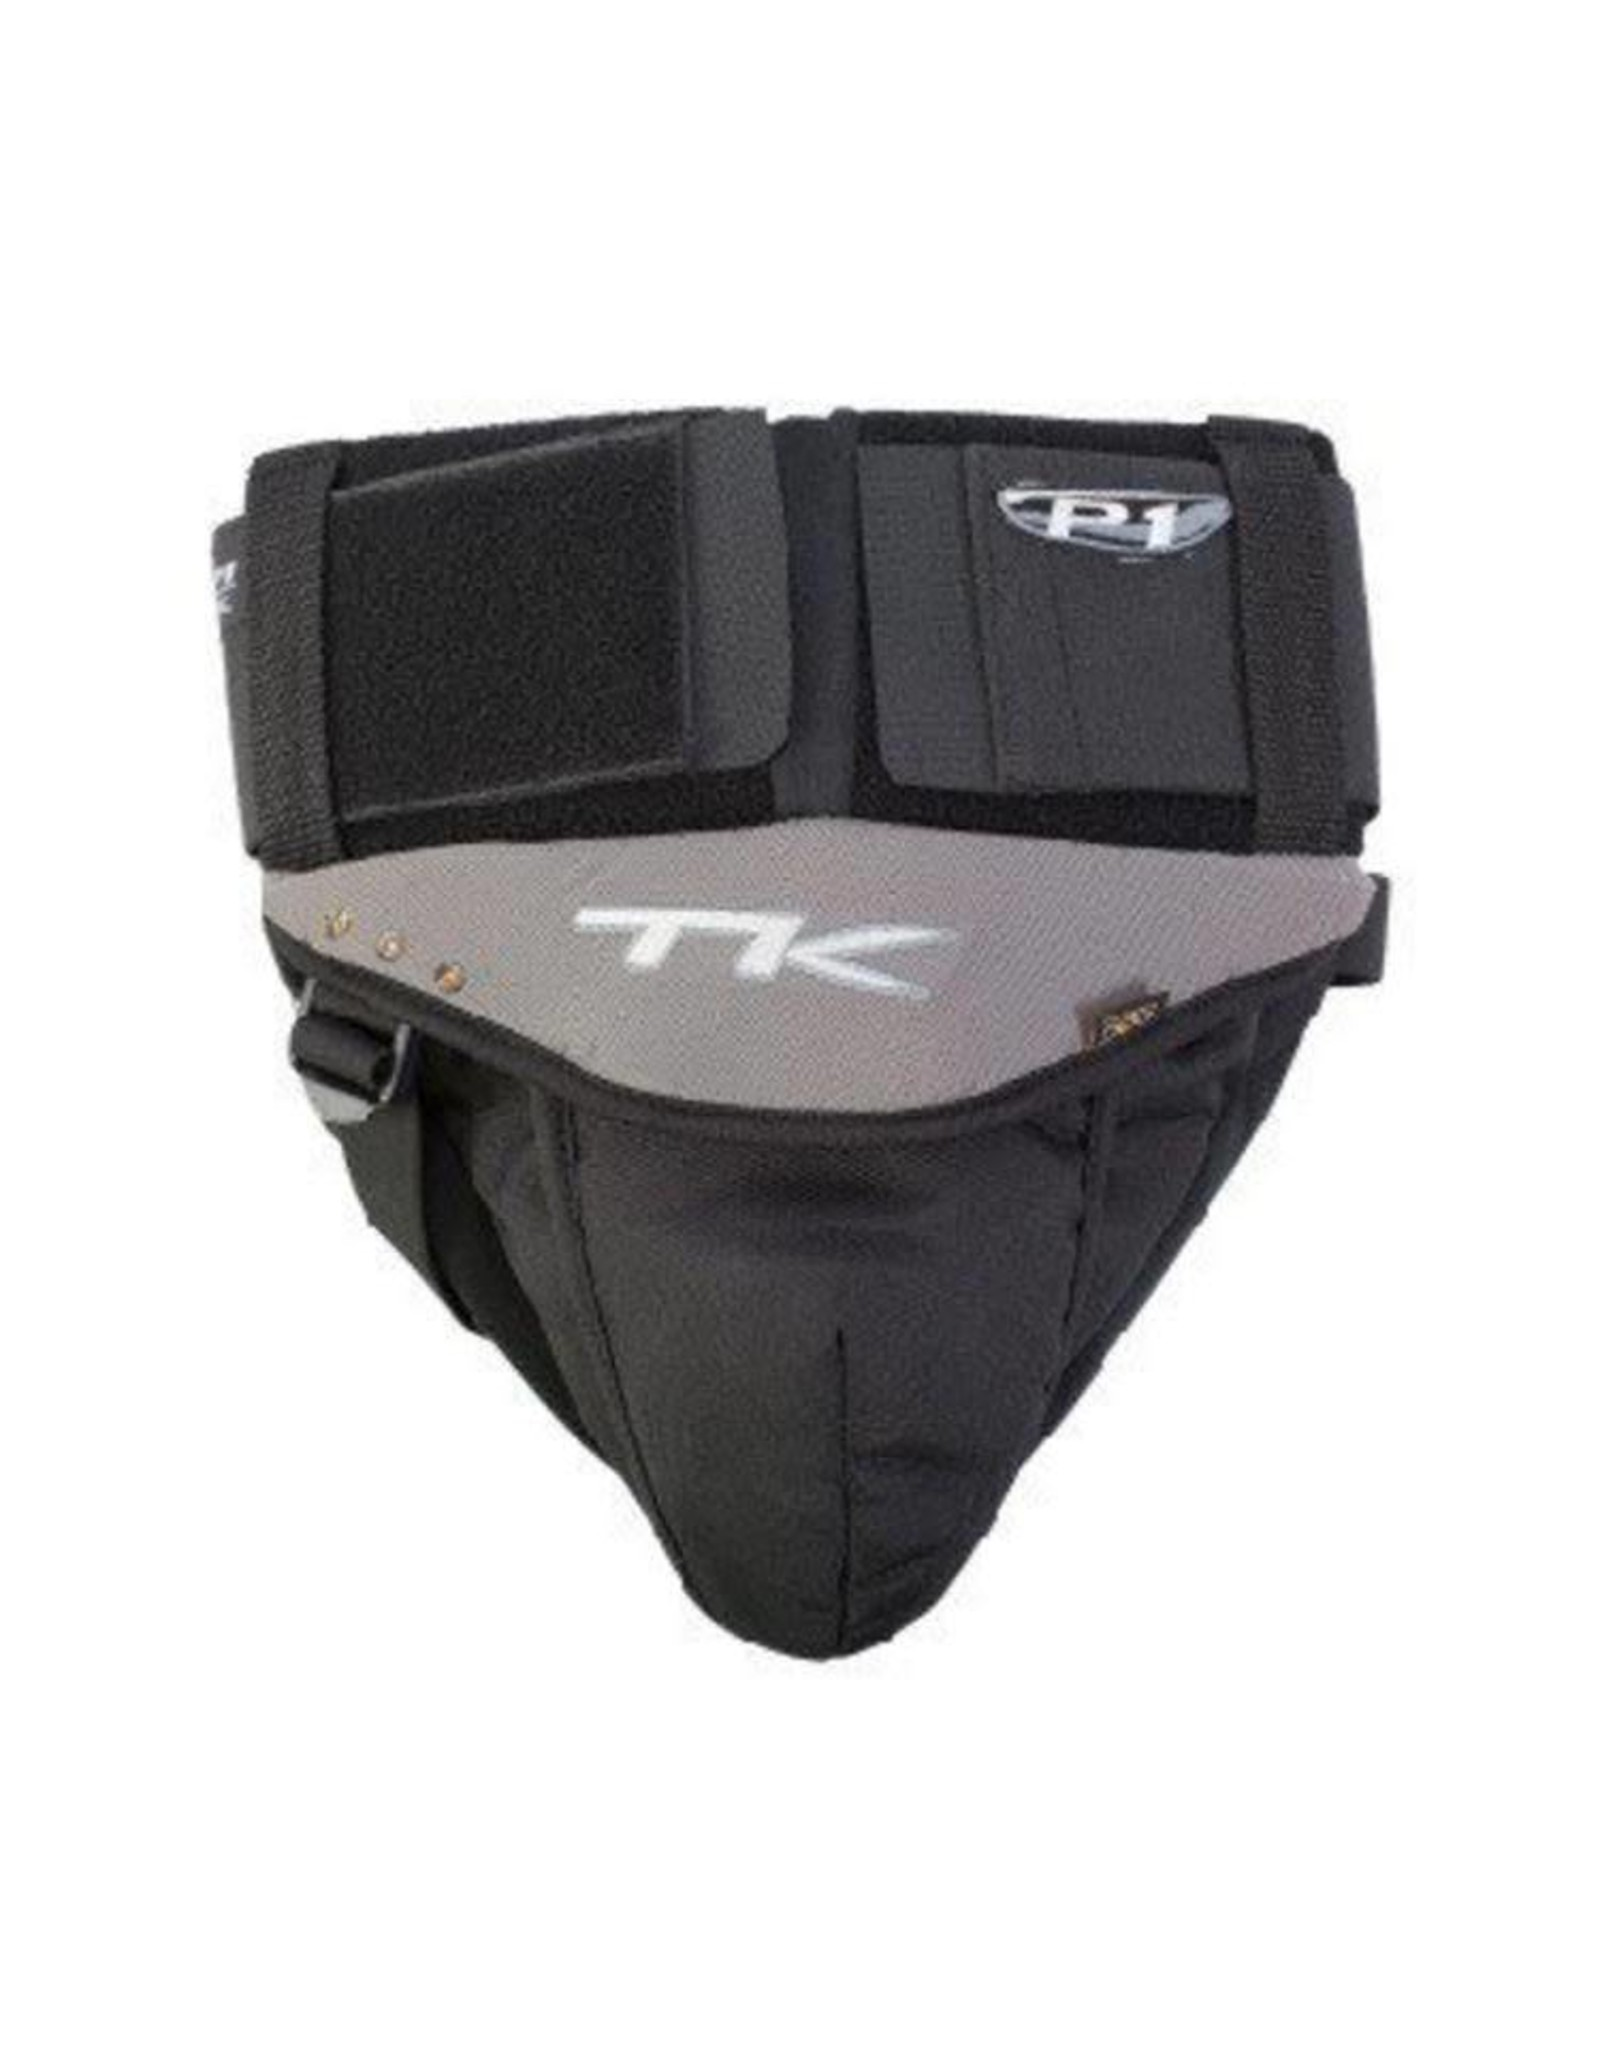 TK TK P1 ABDO PROTECTOR MEN GK ZWGR